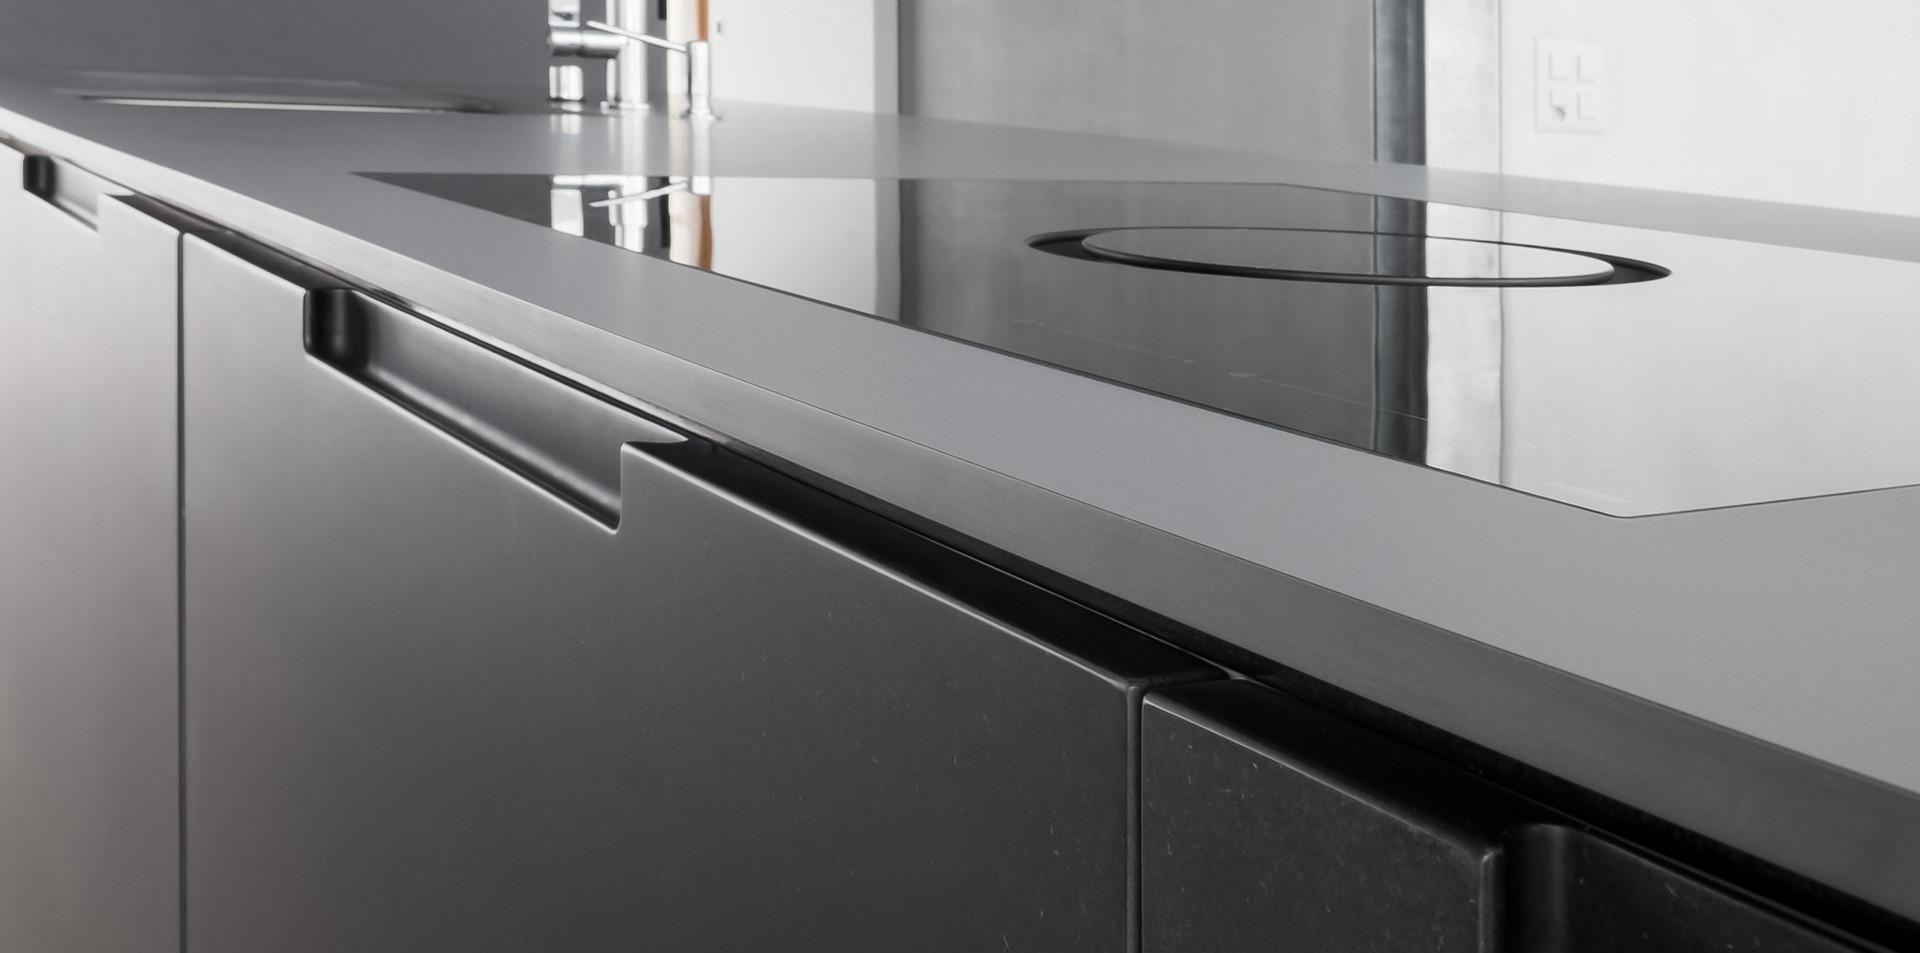 Dettaglio top cucina e piano cottura con cappa integrata